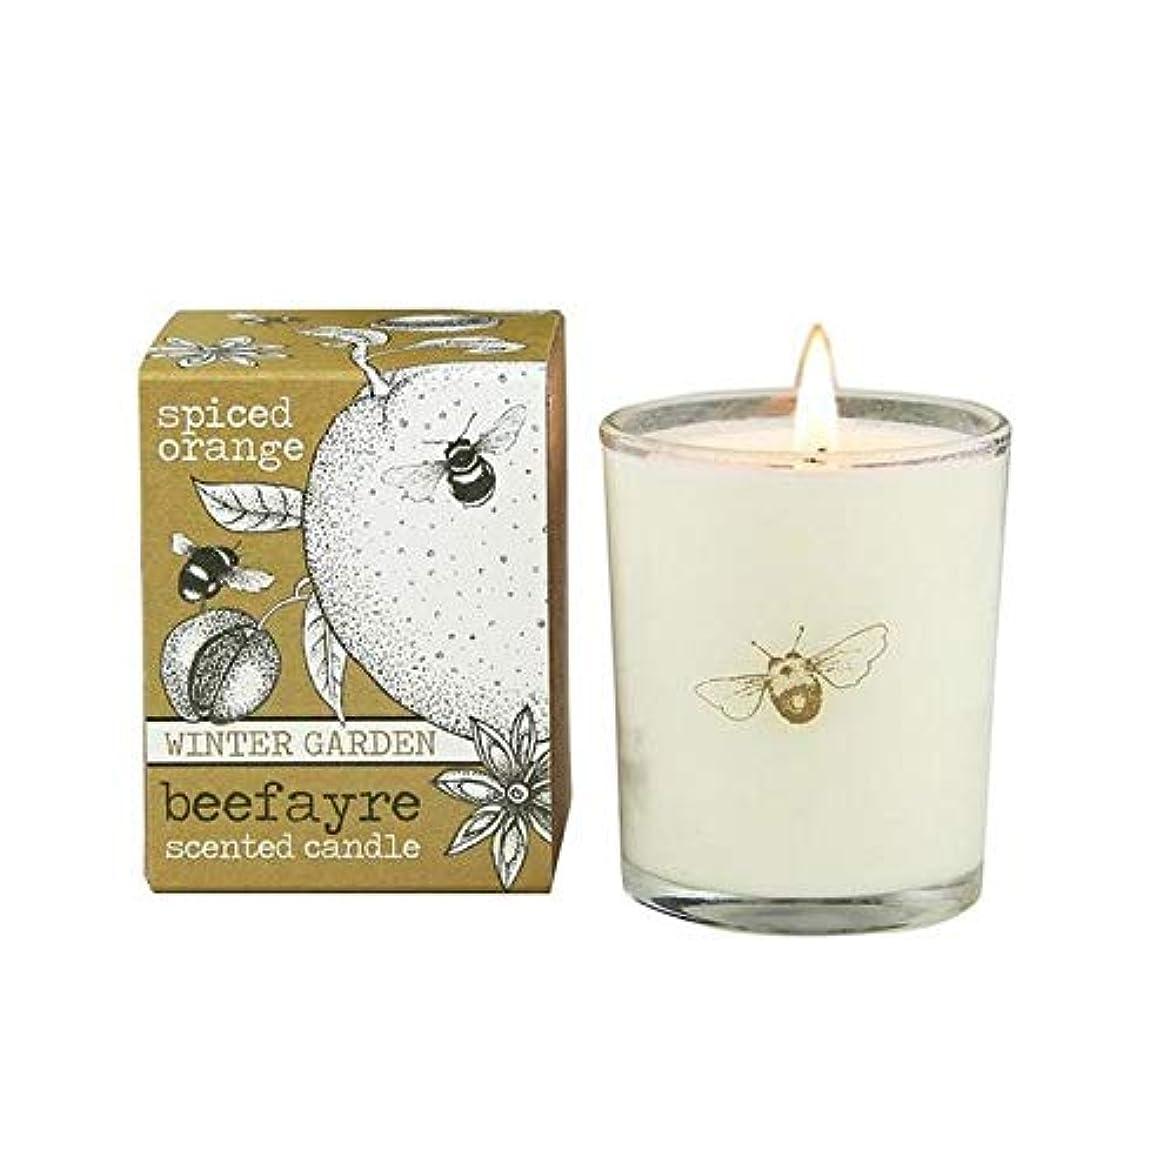 反対するライム更新[Beefayre] Beefayreスパイスオレンジ色の小さな香りのキャンドル - Beefayre Spiced Orange Small Scented Candle [並行輸入品]